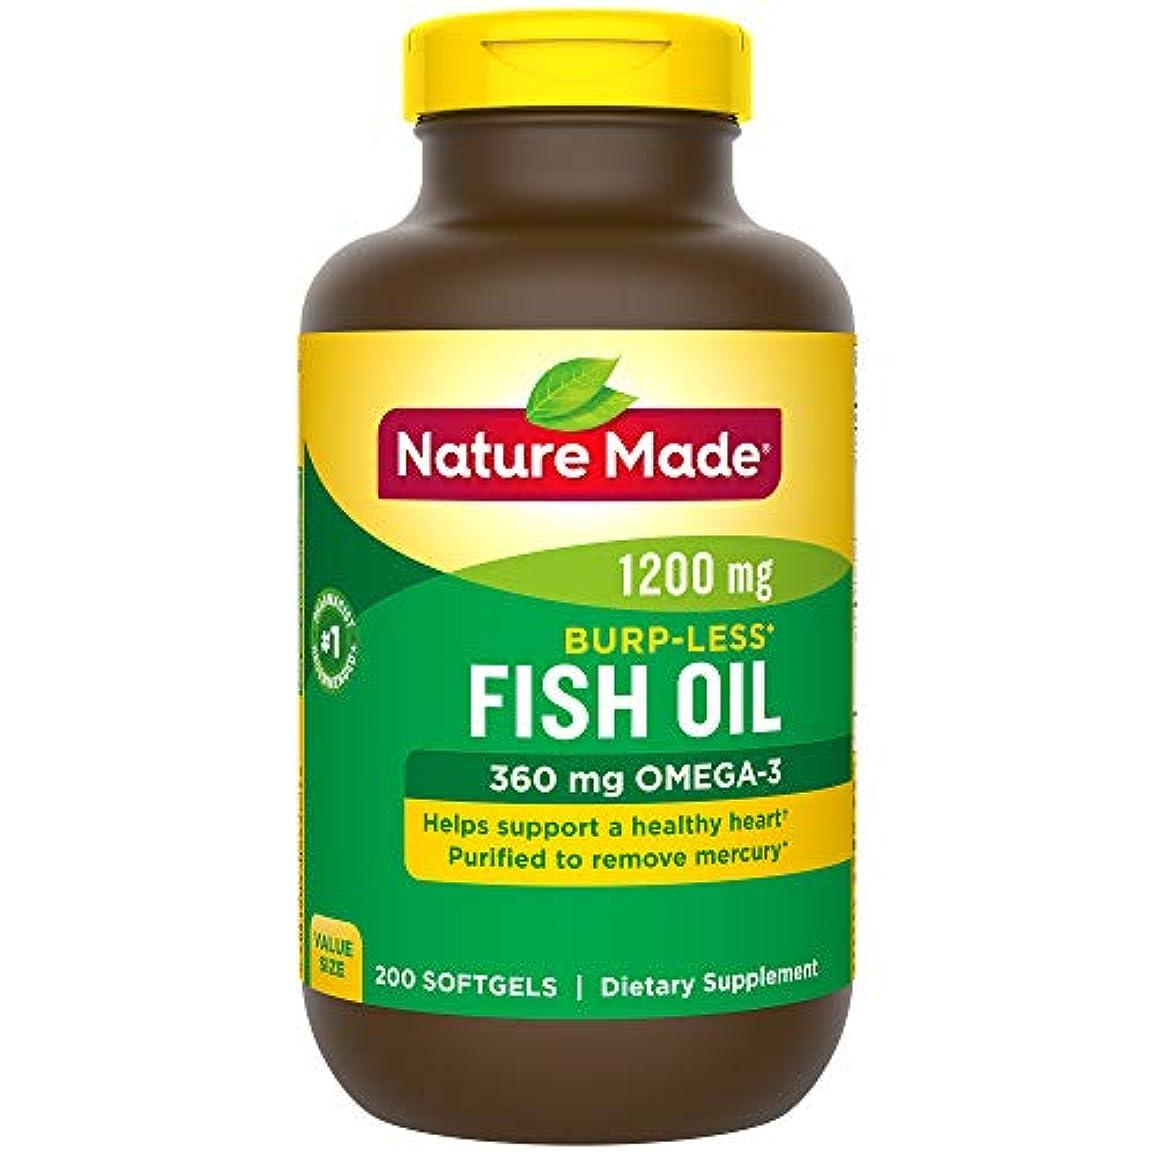 水陸両用ポインタ判読できないNature Made Fish Oil 1200 Mg Burp-less, Value Size, 200-Count 海外直送品